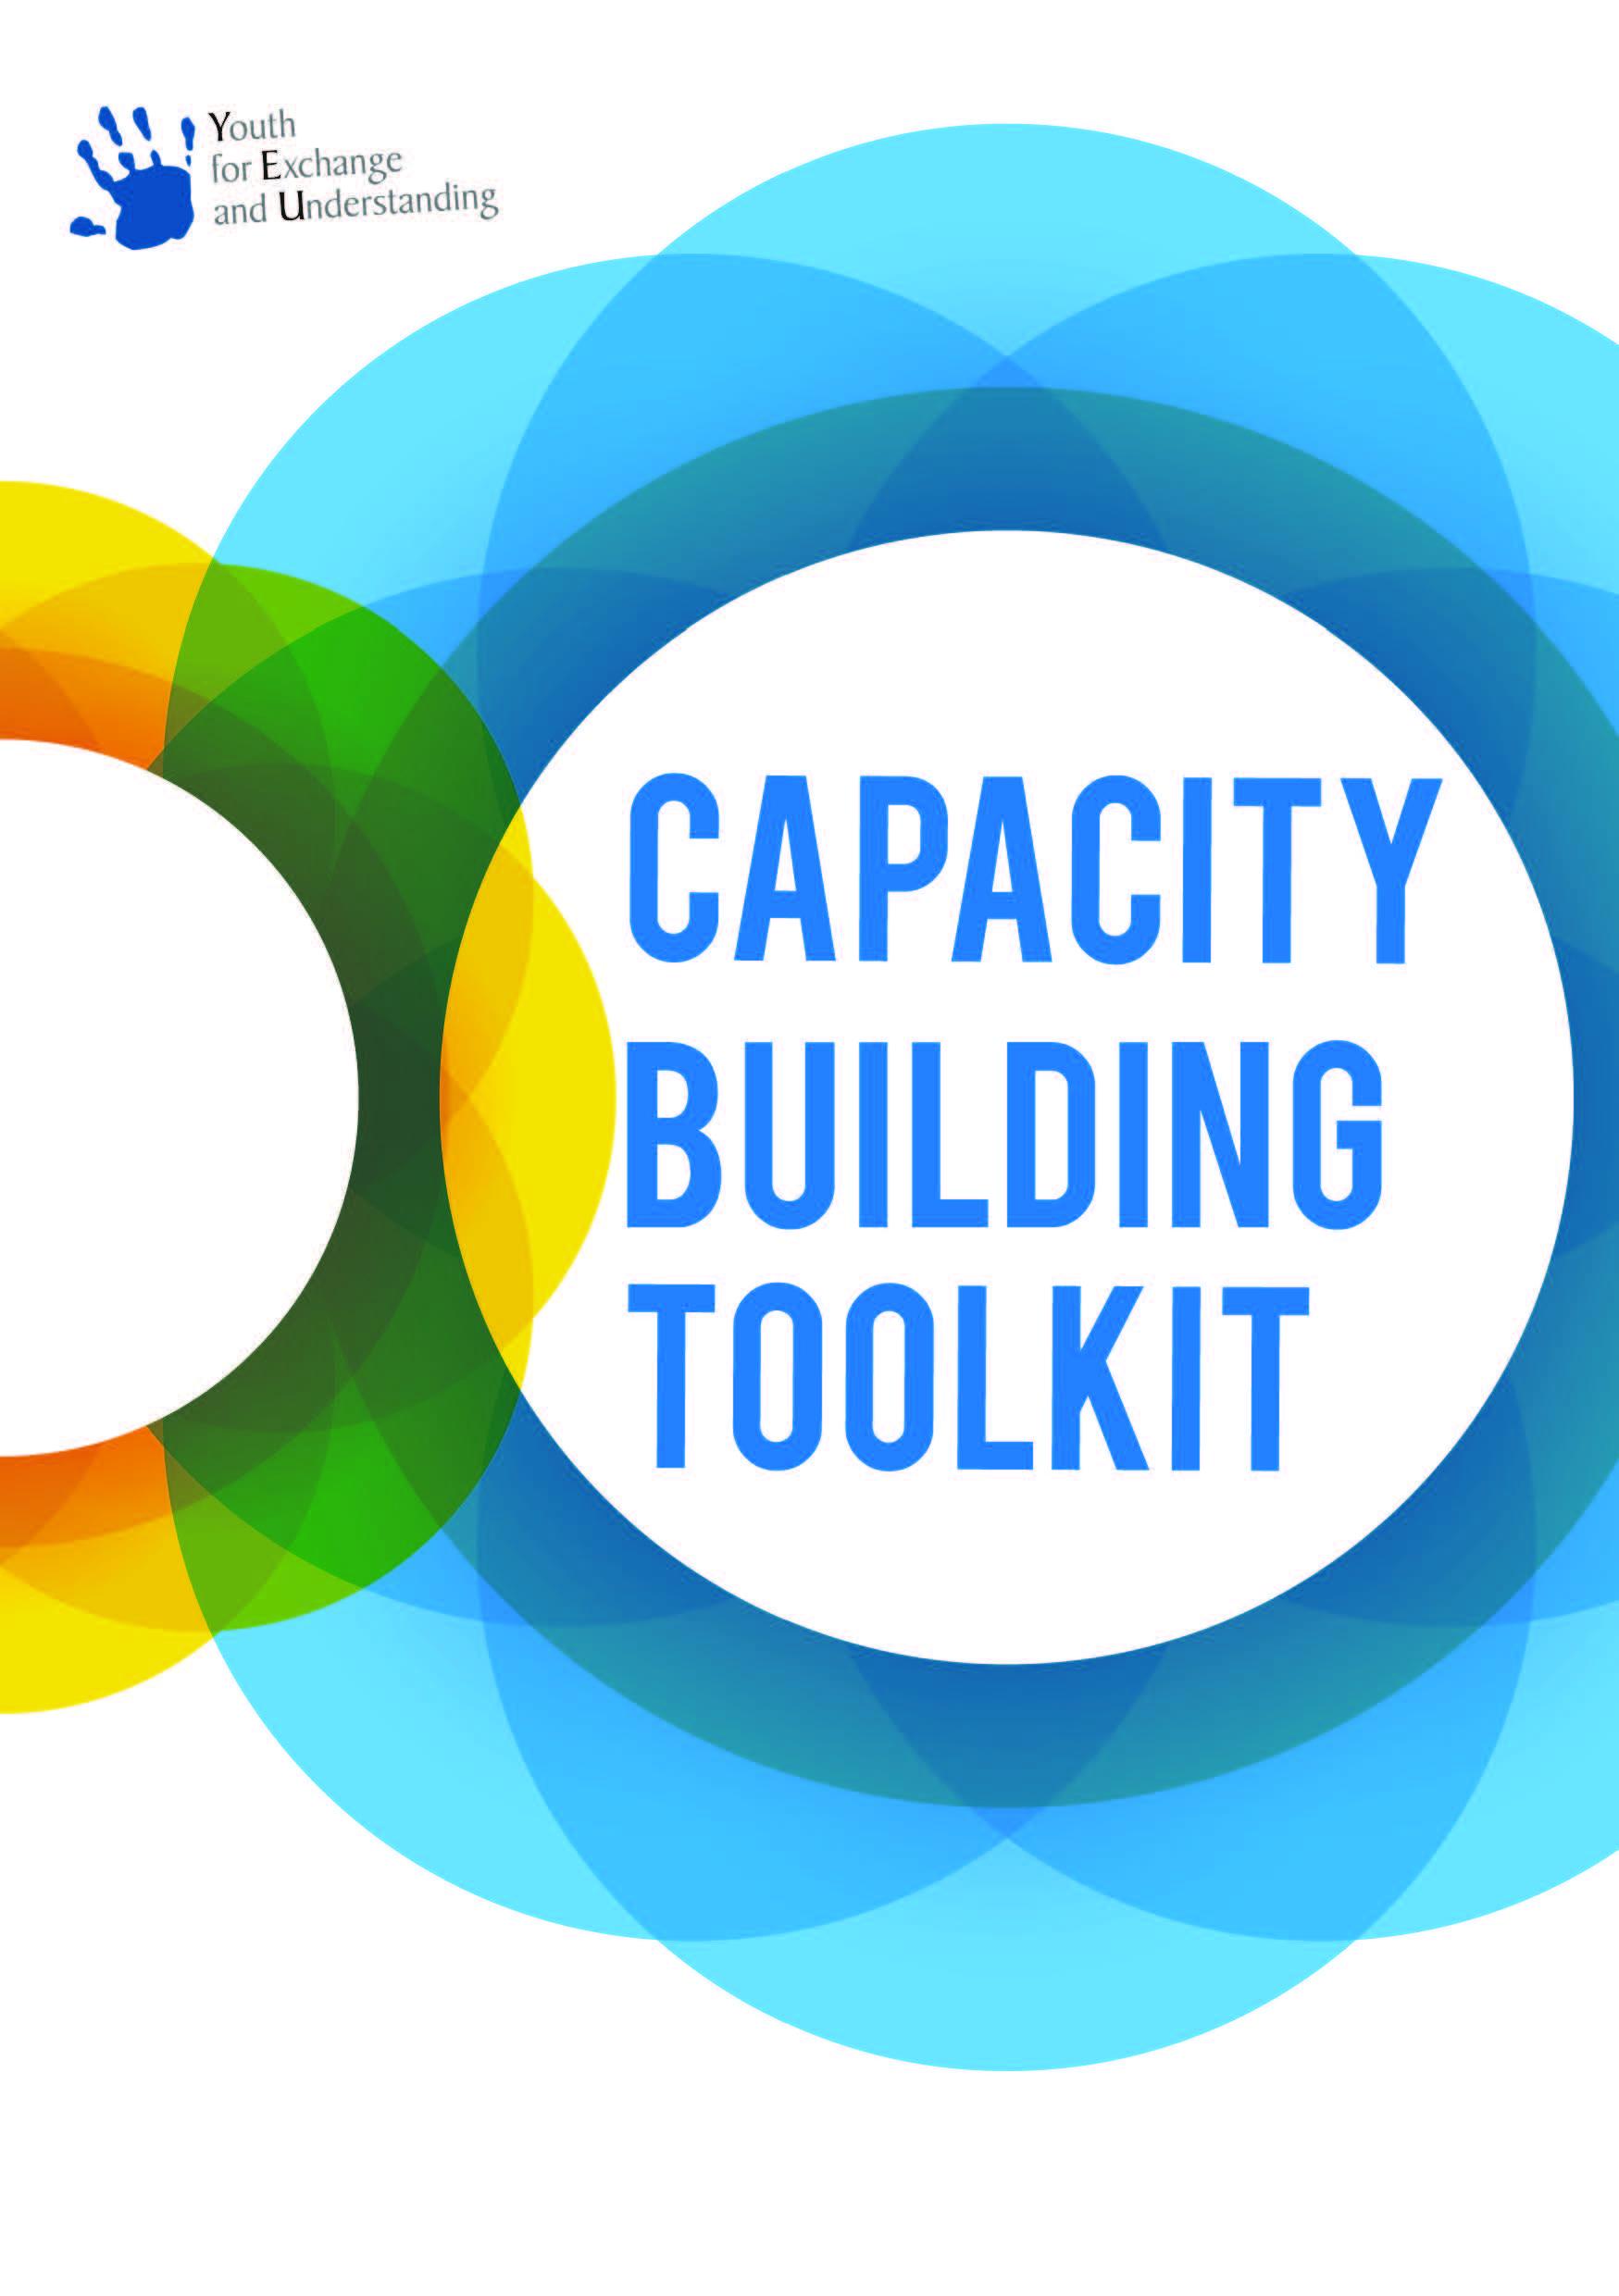 YEU Capacity Building Toolkit